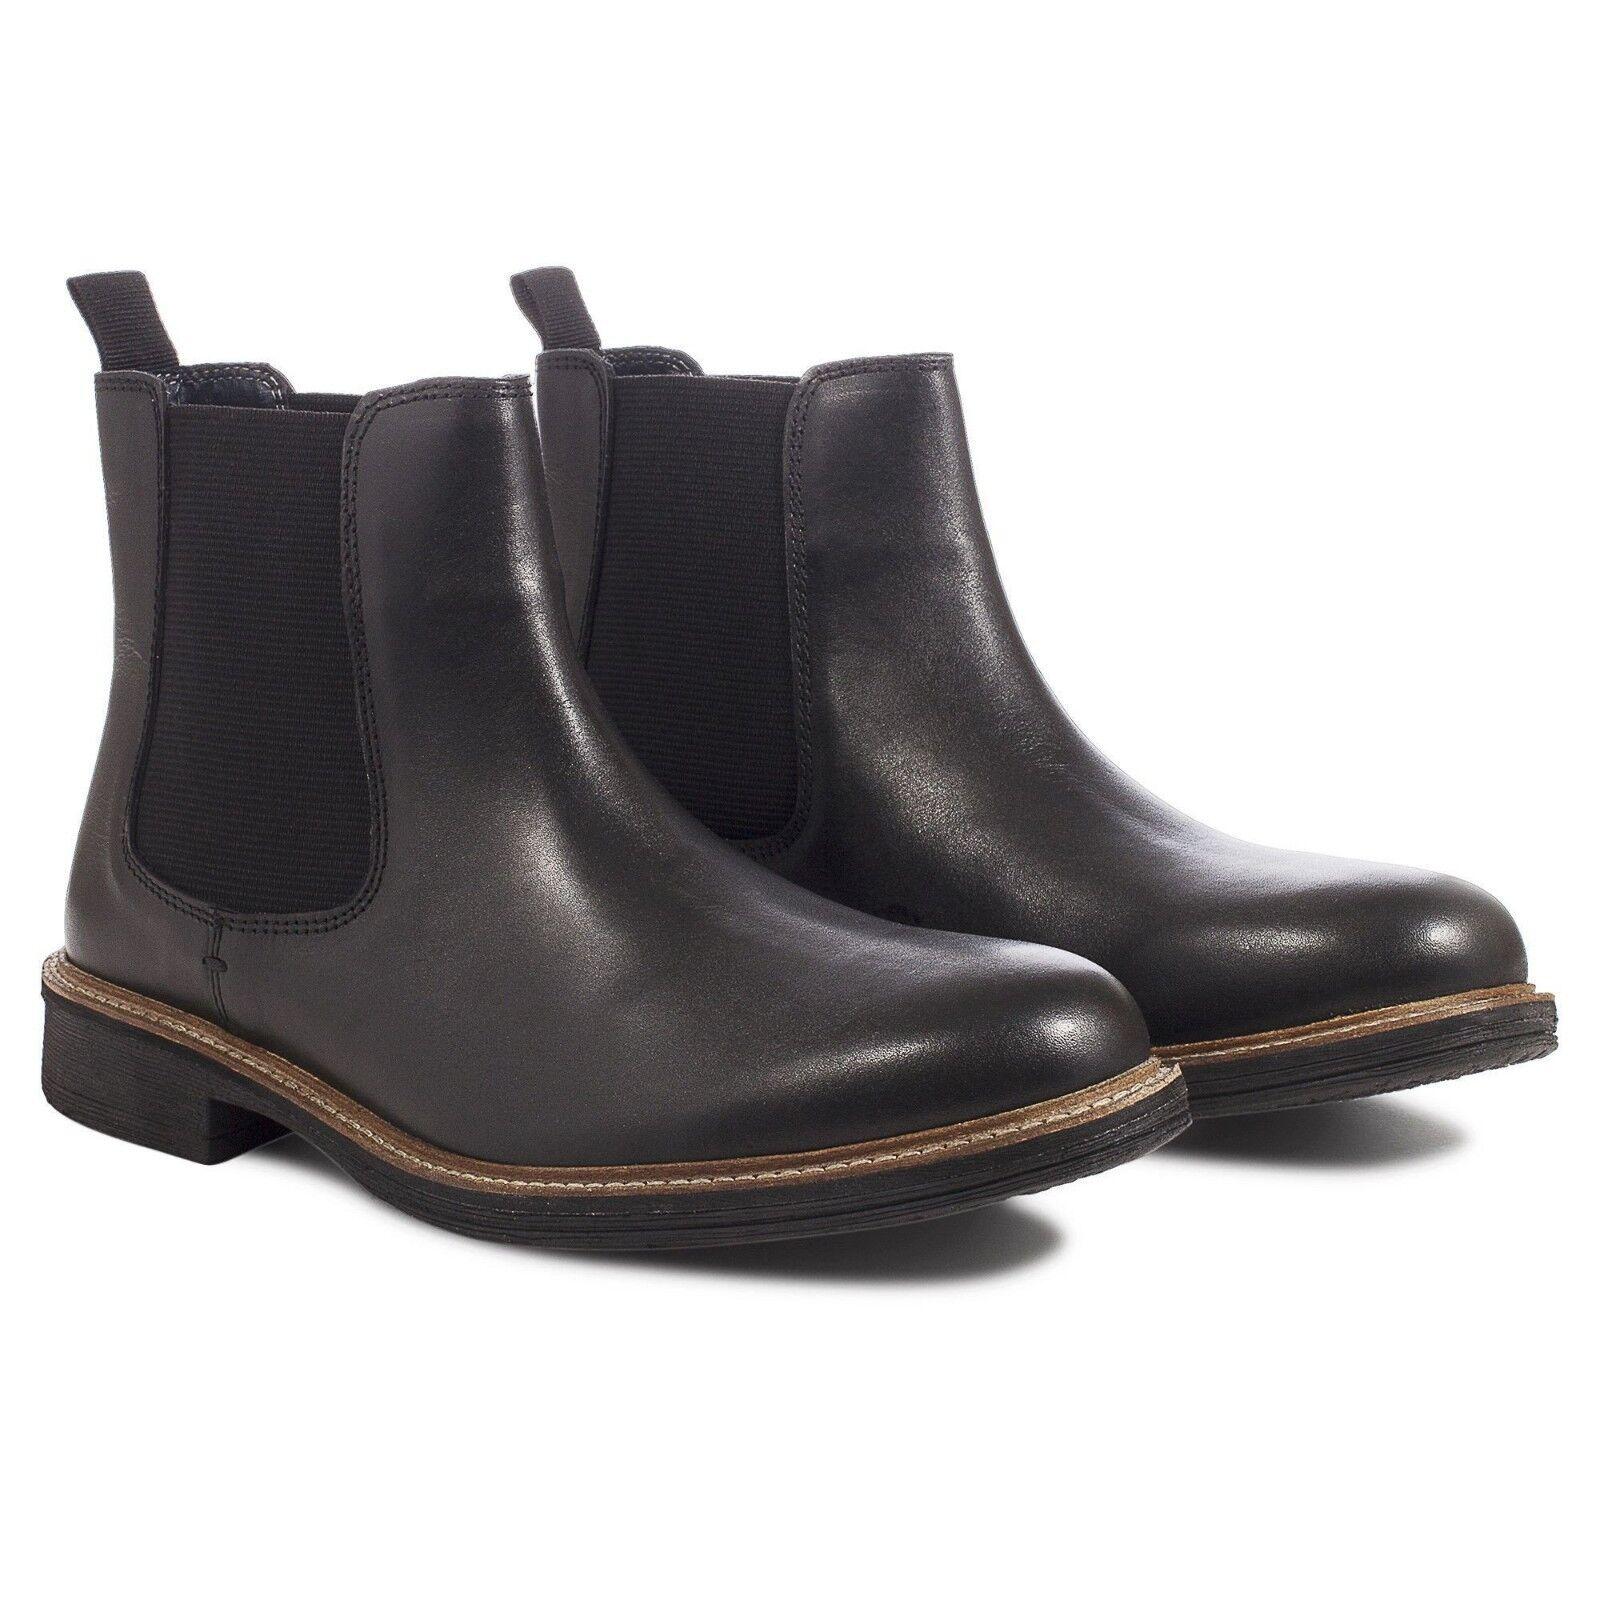 NUOVO Da Uomo Nero Scarpe Stivali Chelsea in Pelle. la consegna veloce RRP  shoes